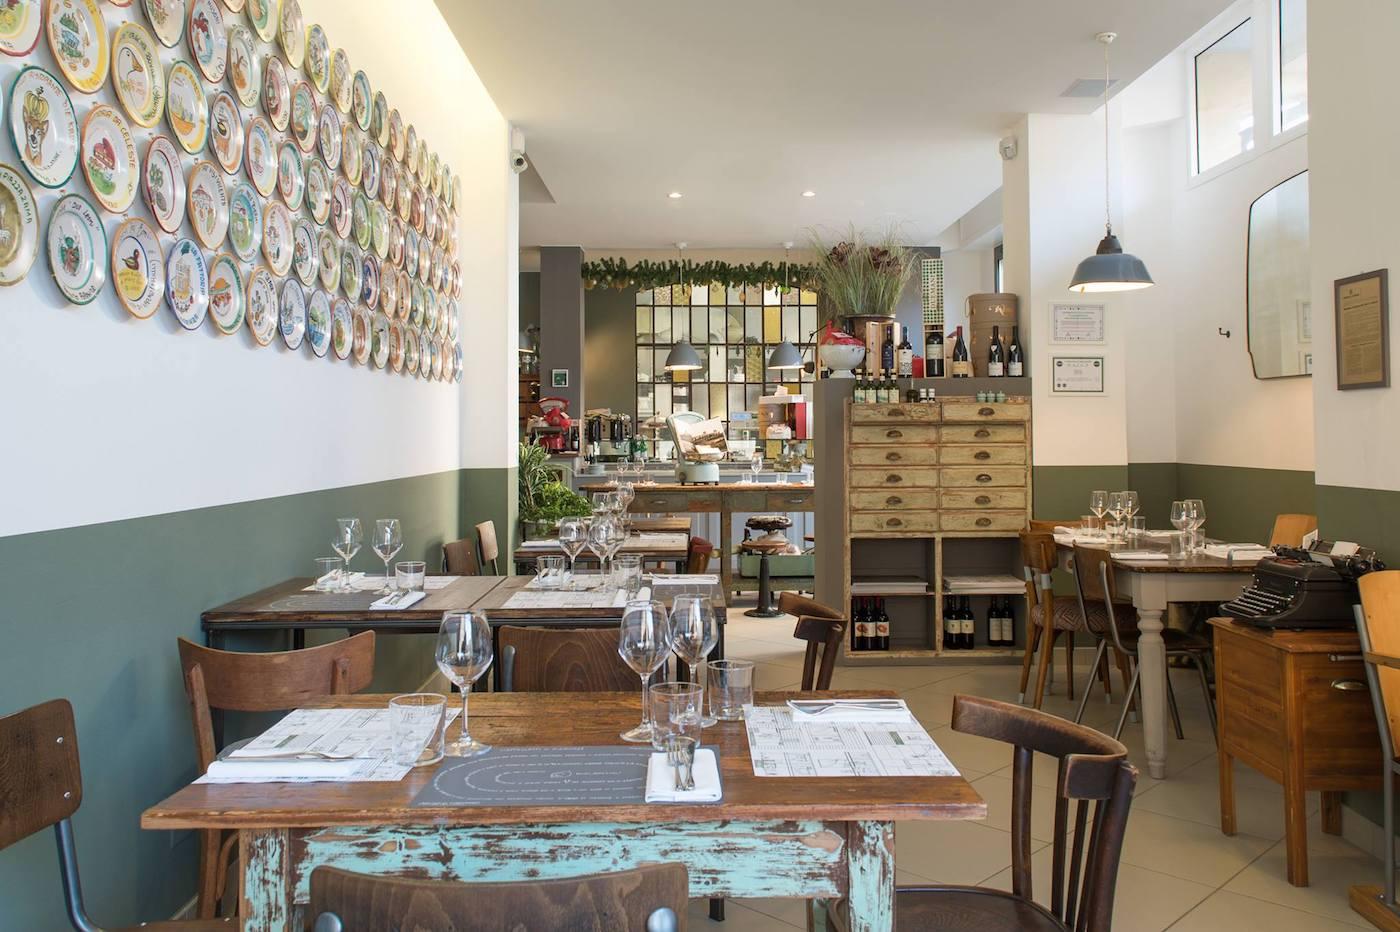 Mangiare a Ravenna. I migliori ristoranti da provare - Gambero Rosso